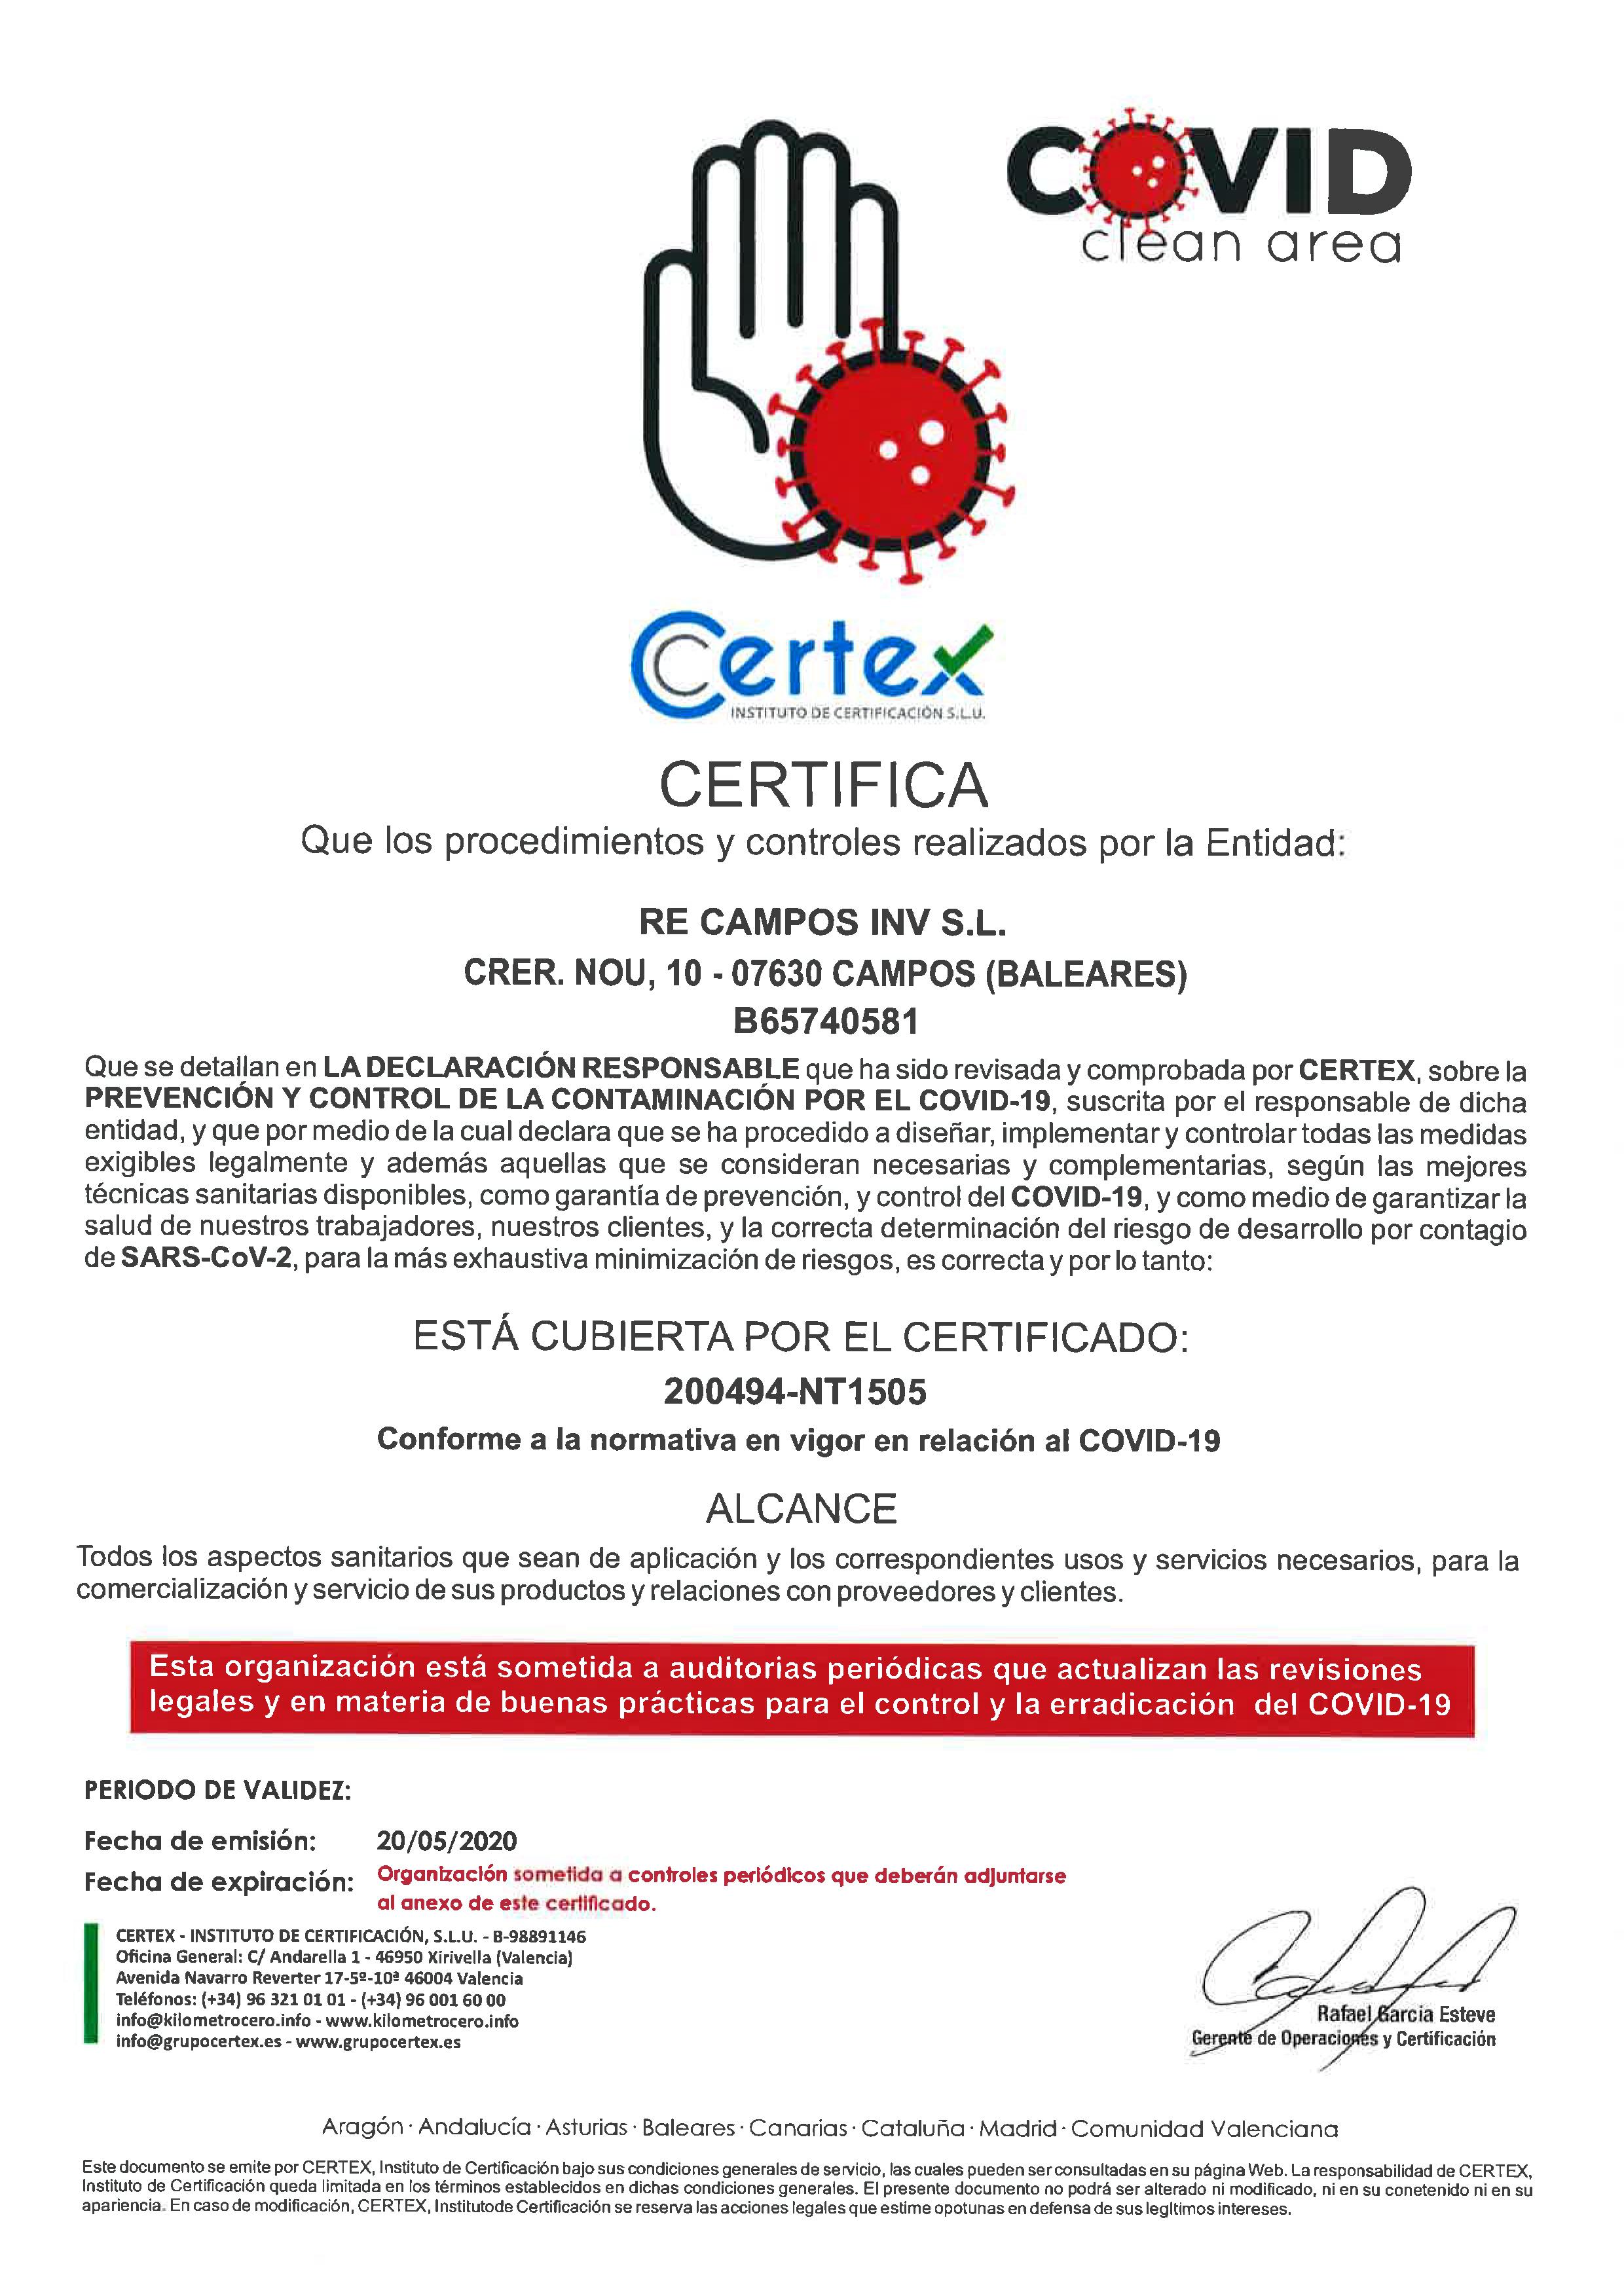 Certificado COVID-19 SA Creu Nova